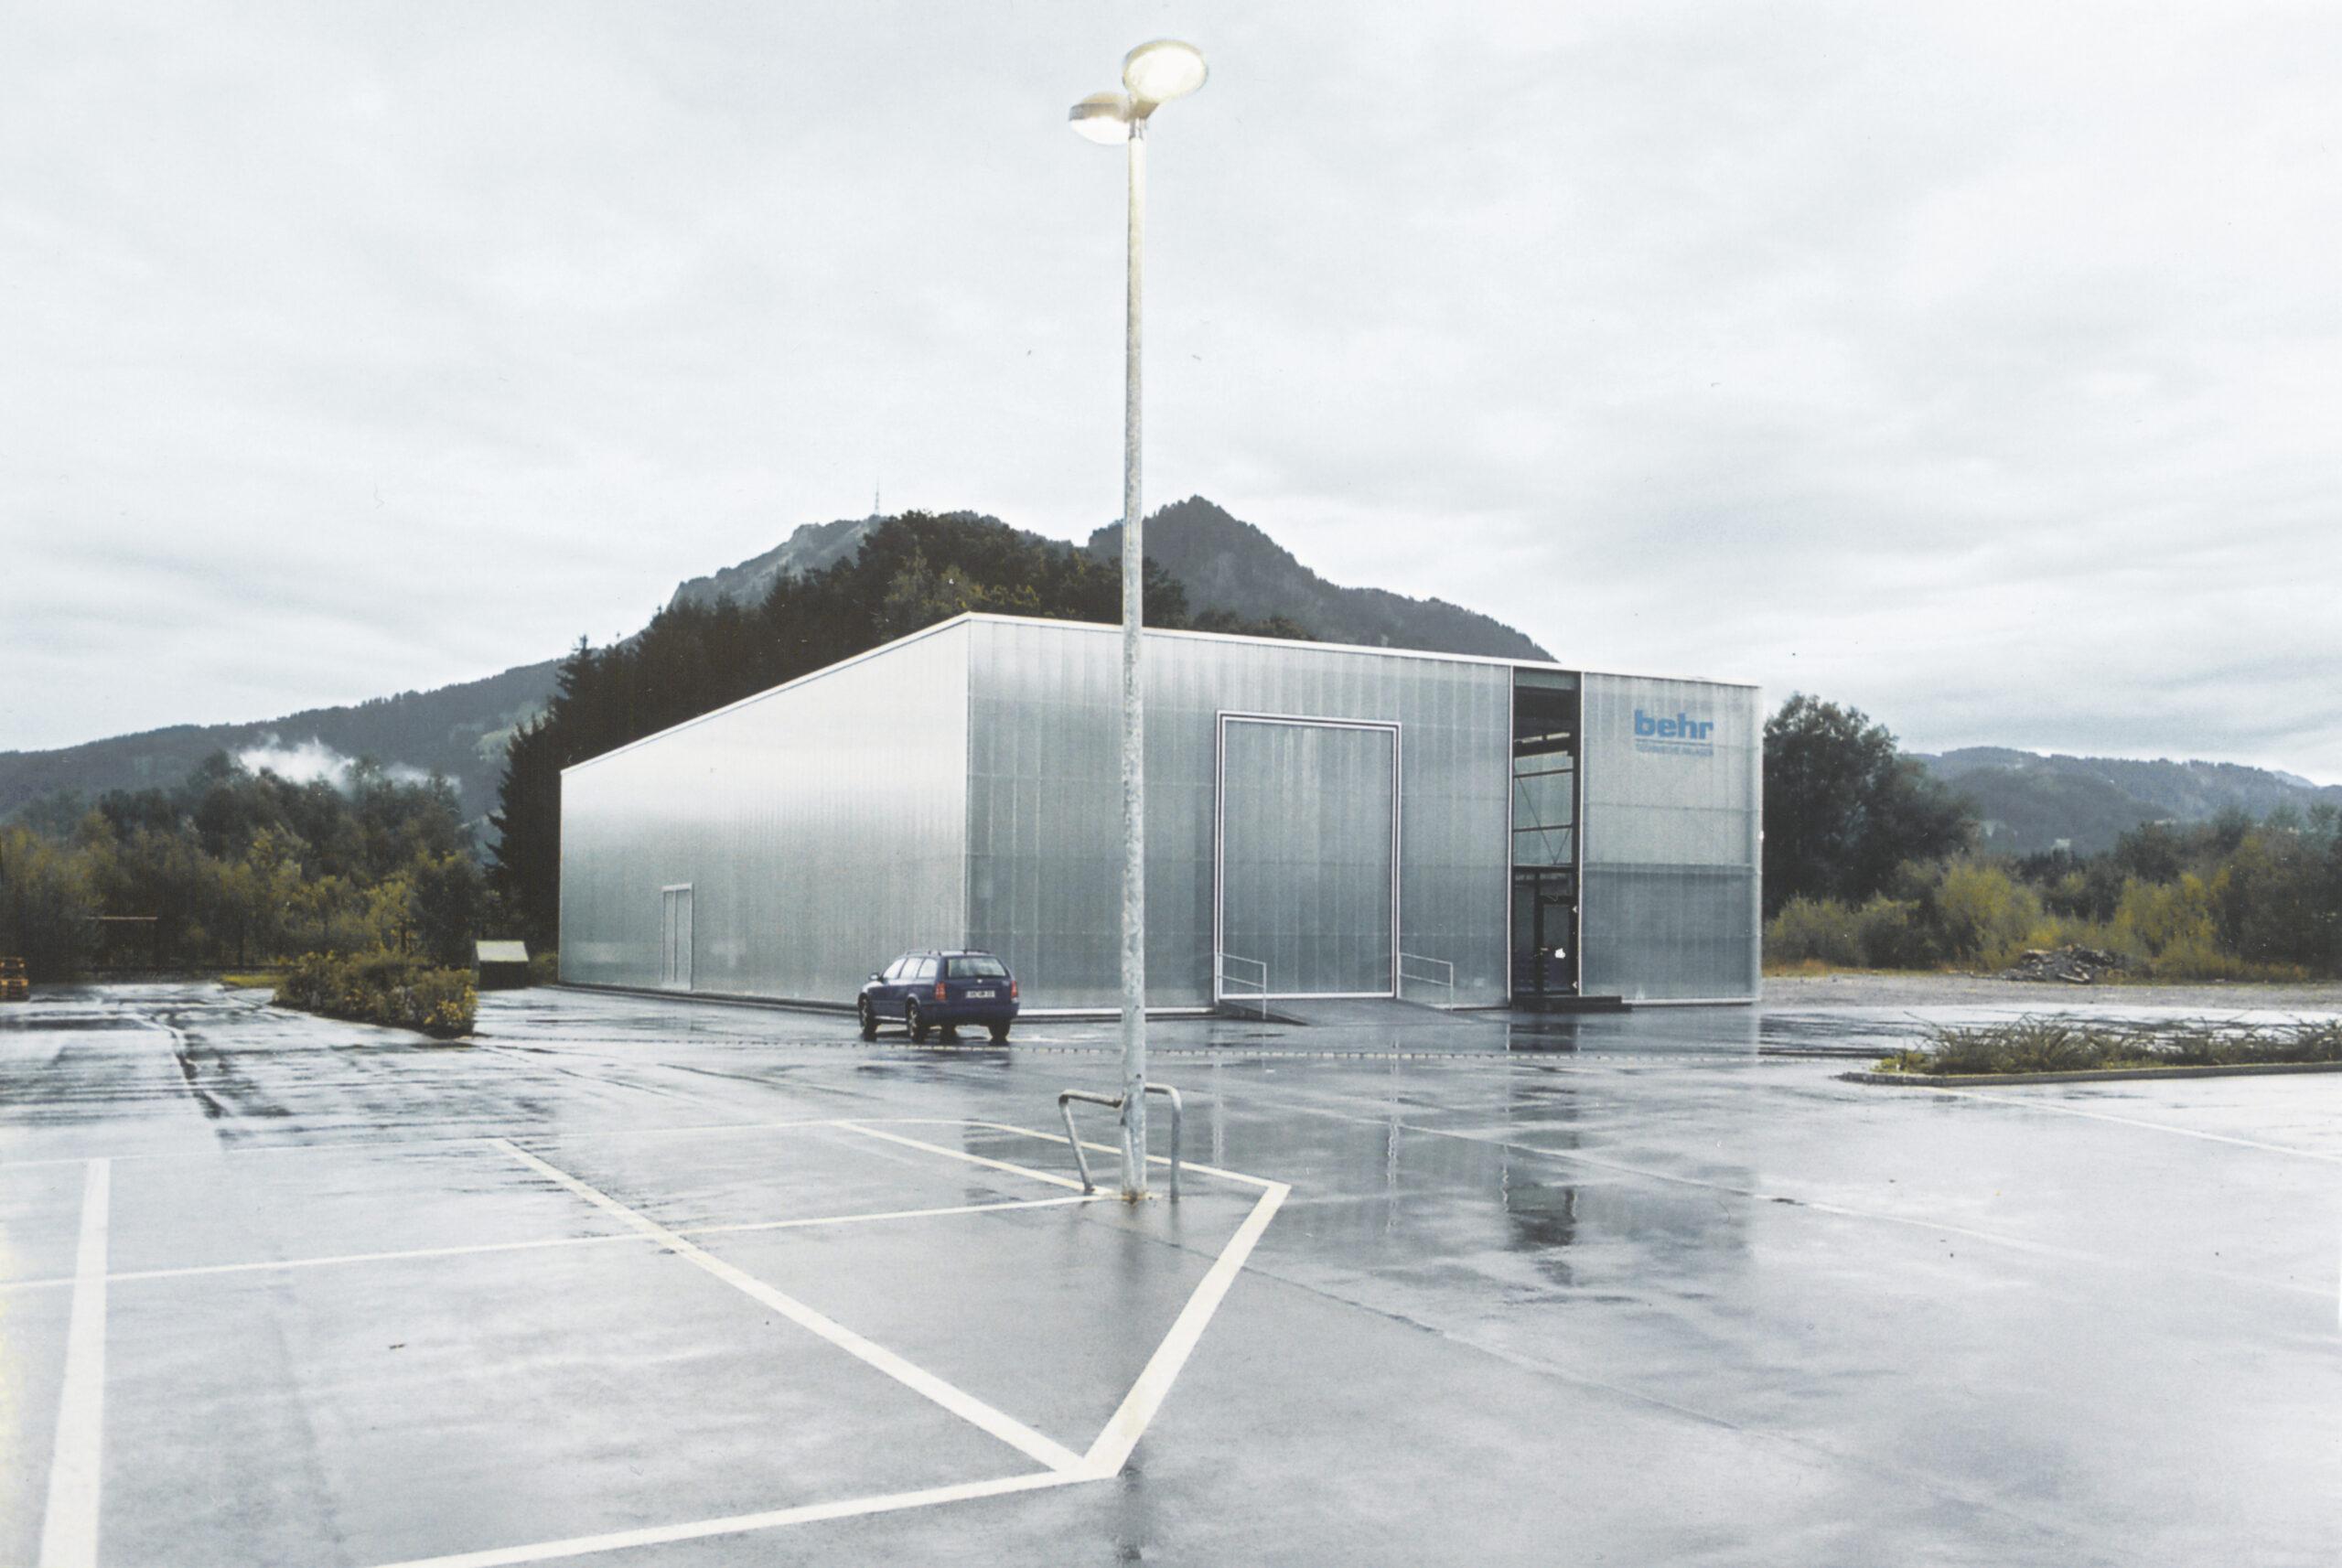 Michael-Becker-Architects-Architekten-Fertigungshalle-b-10